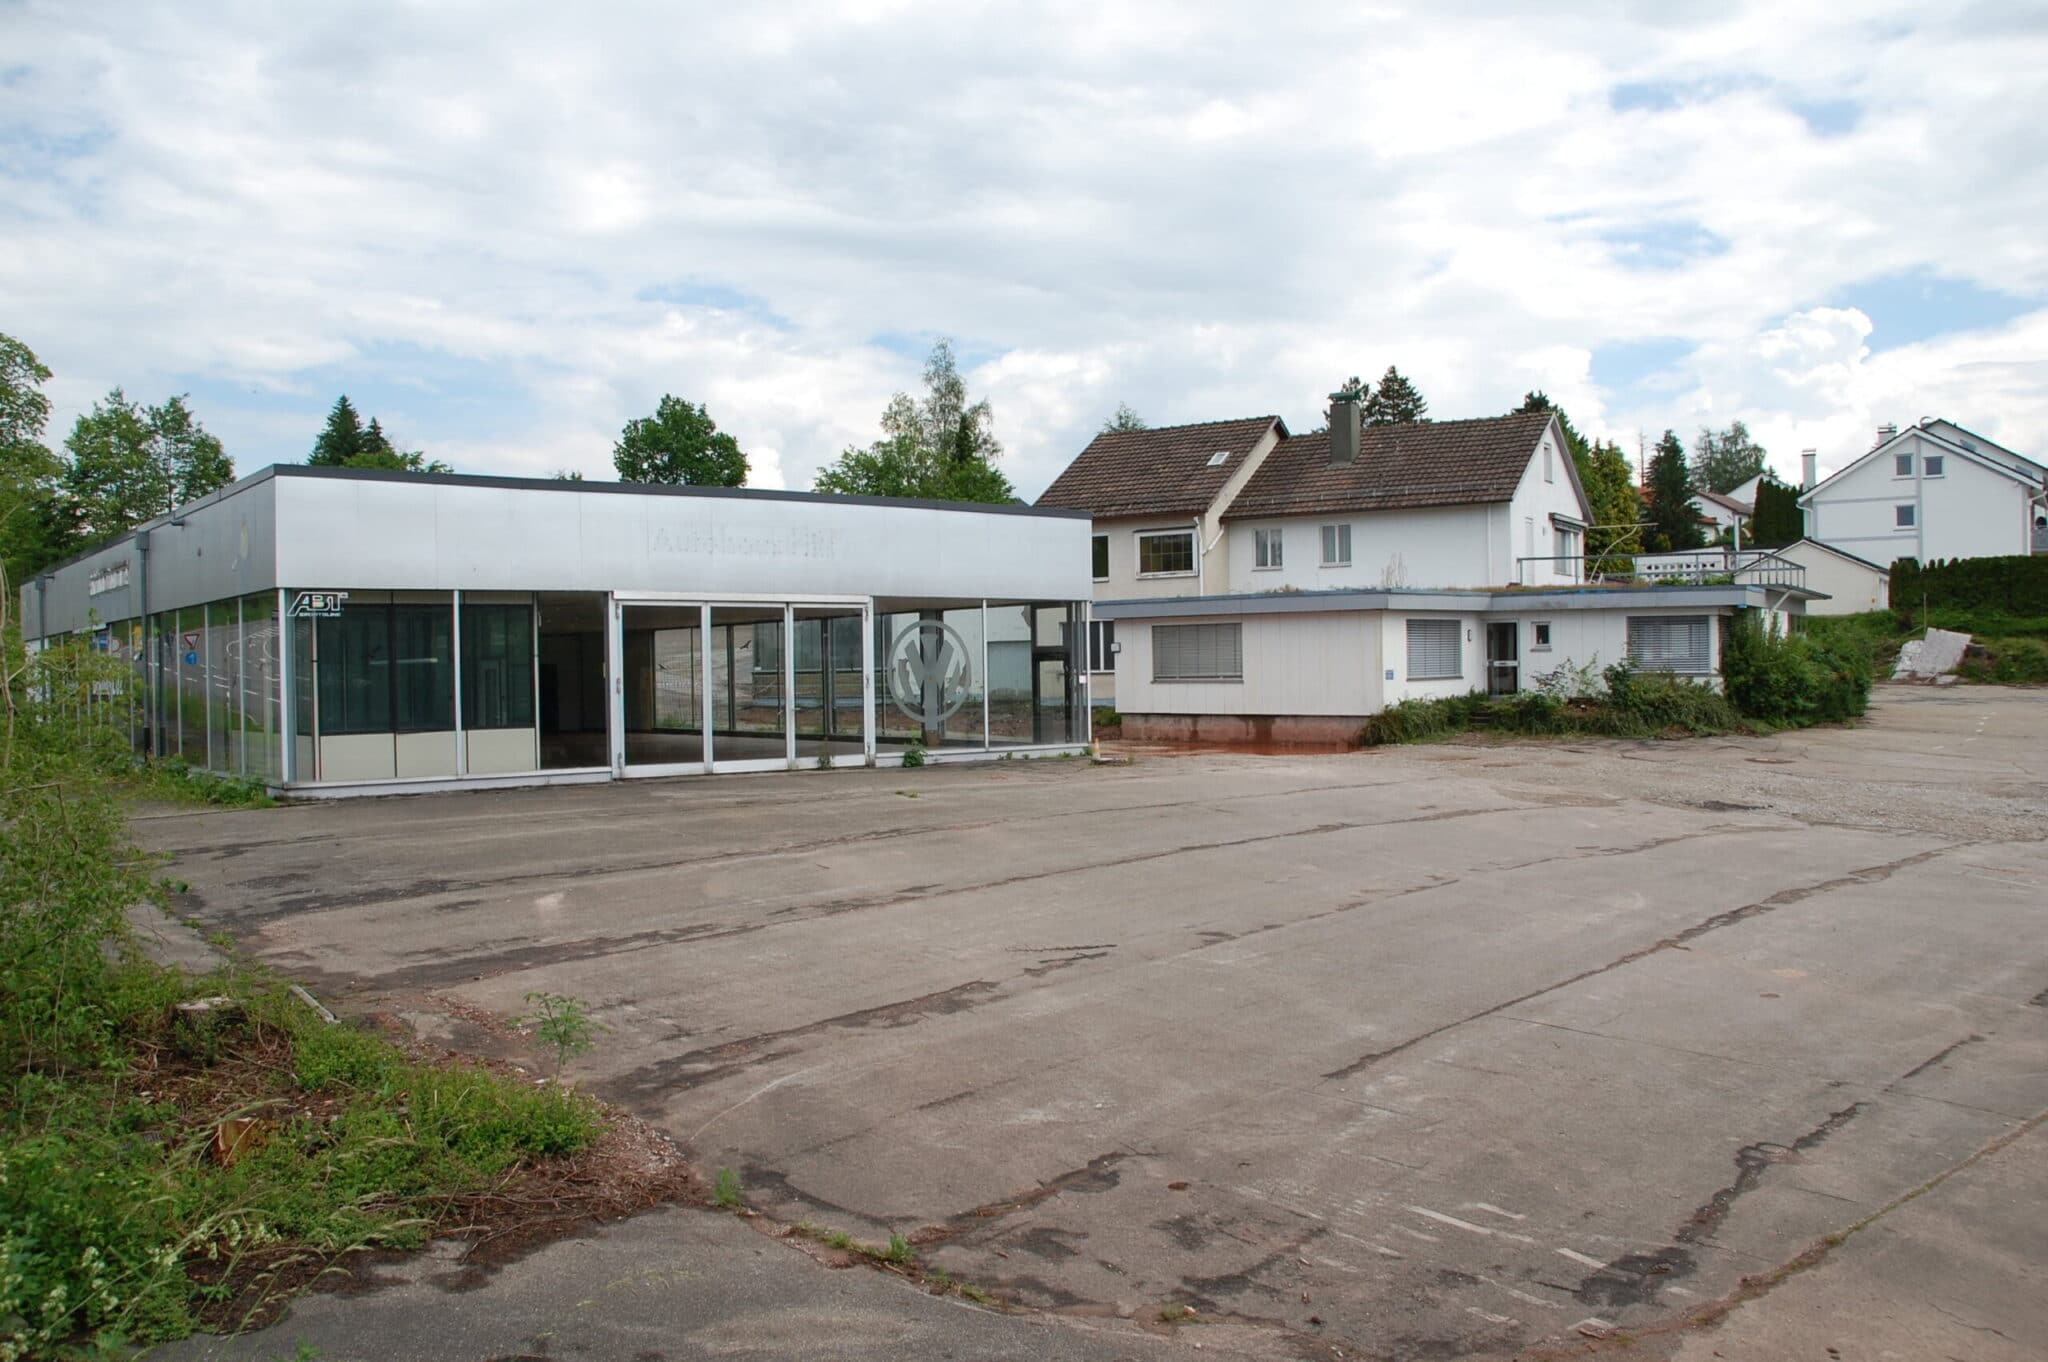 Der Discounter Aldi Süd plant auf dem Gelände des ehemaligen Autohaus Hils eine Filiale in Sulgen. Alle Fotos: lm